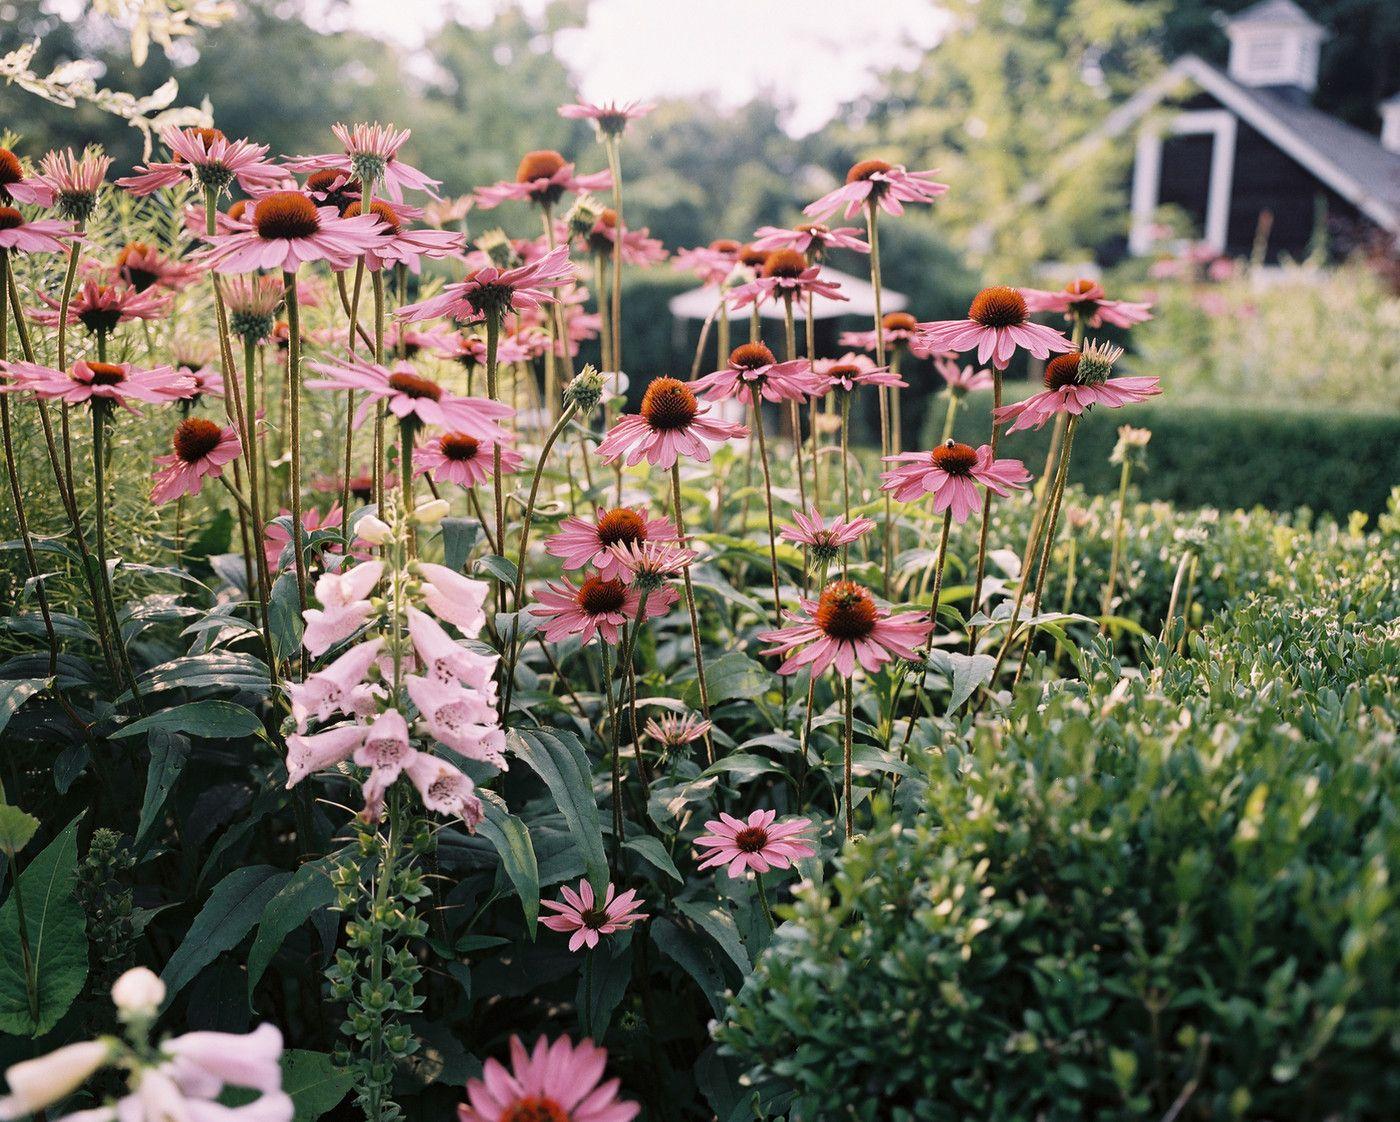 Garden Flowers growing alongside boxwoods in the